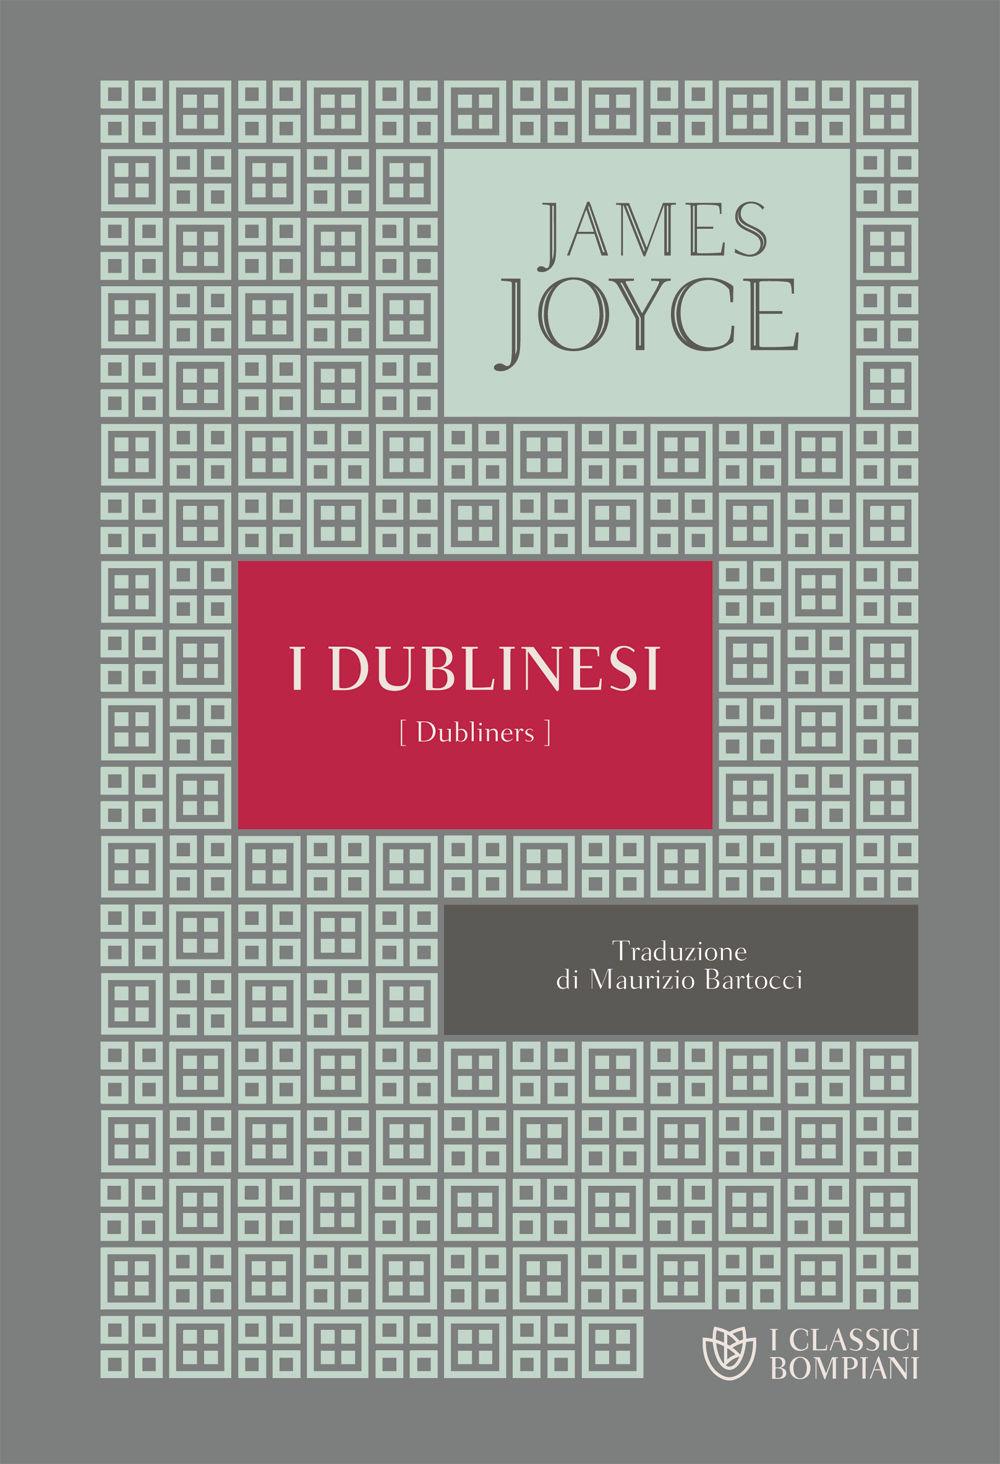 I Dublinesi